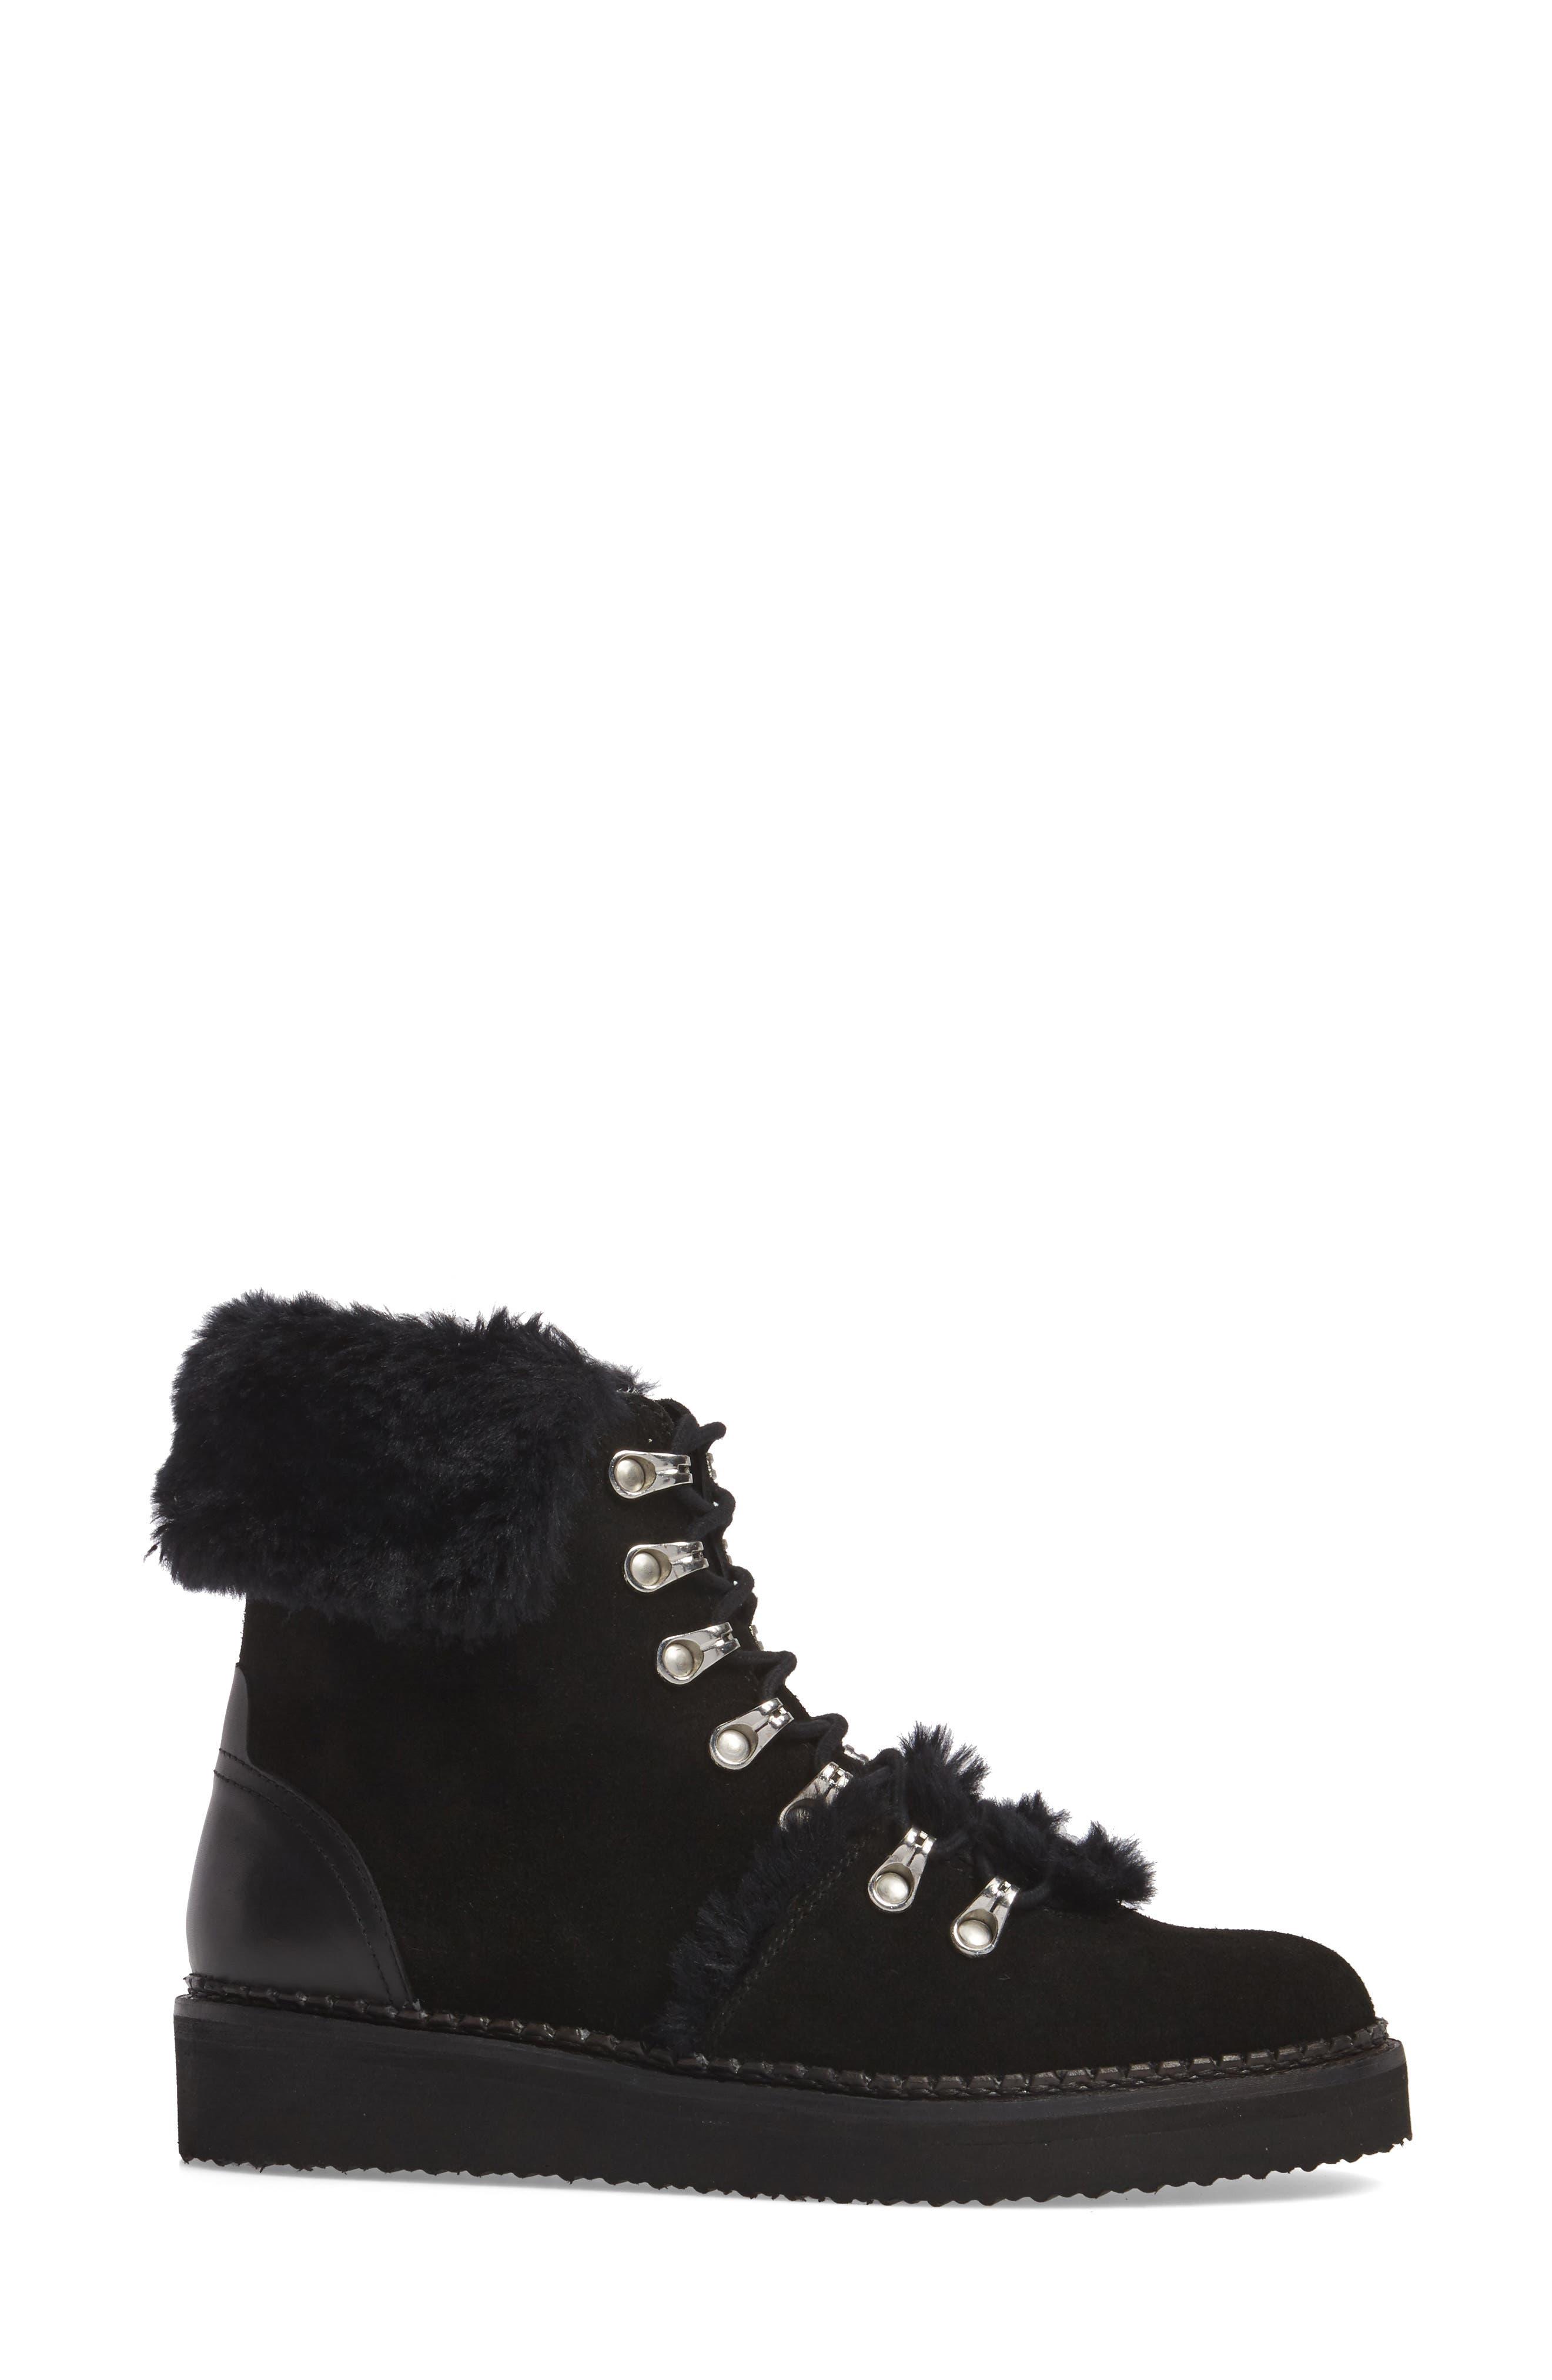 Tonkin Hiker Boot,                             Alternate thumbnail 3, color,                             Black